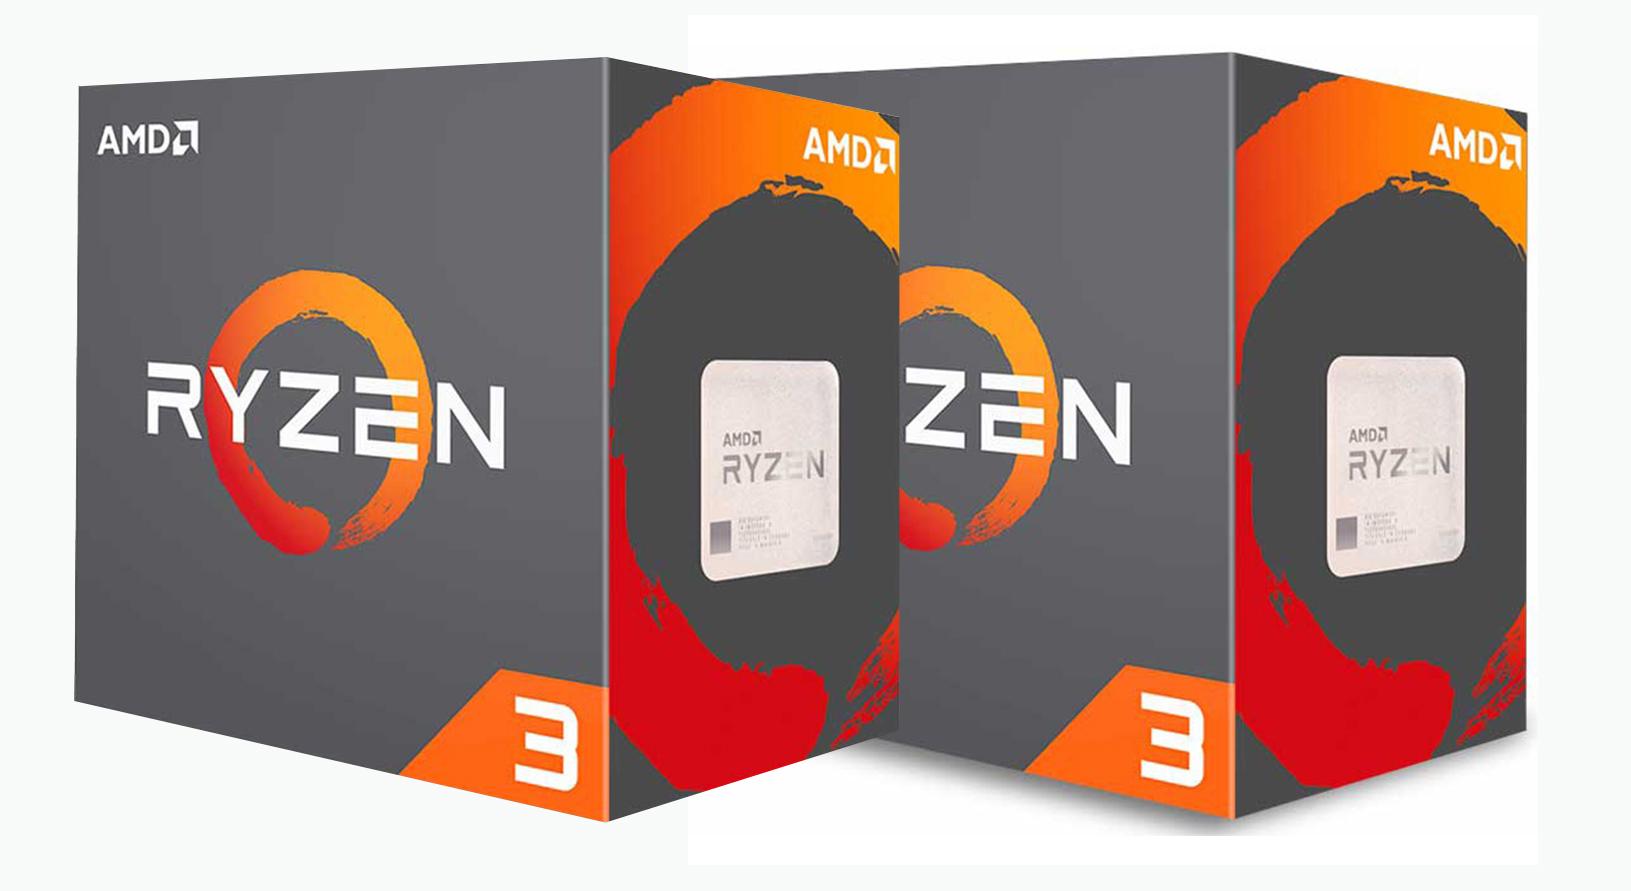 AMD công bố giá bán CPU Ryzen 3 3100 và 3300x